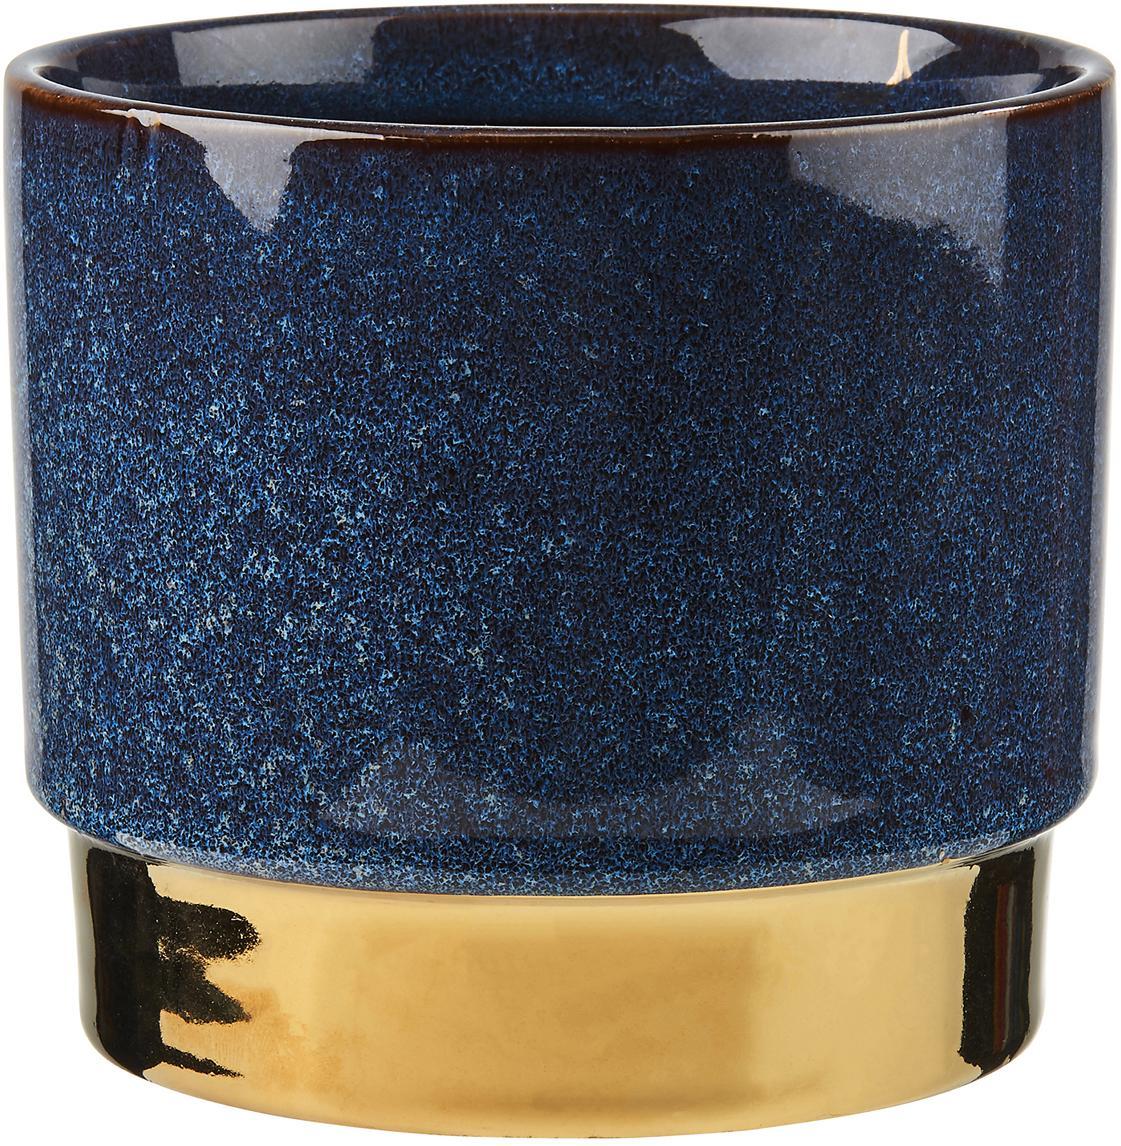 Übertopf Golden Touch aus Steingut, Steingut, Blau, Goldfarben, Ø 15 x H 13 cm